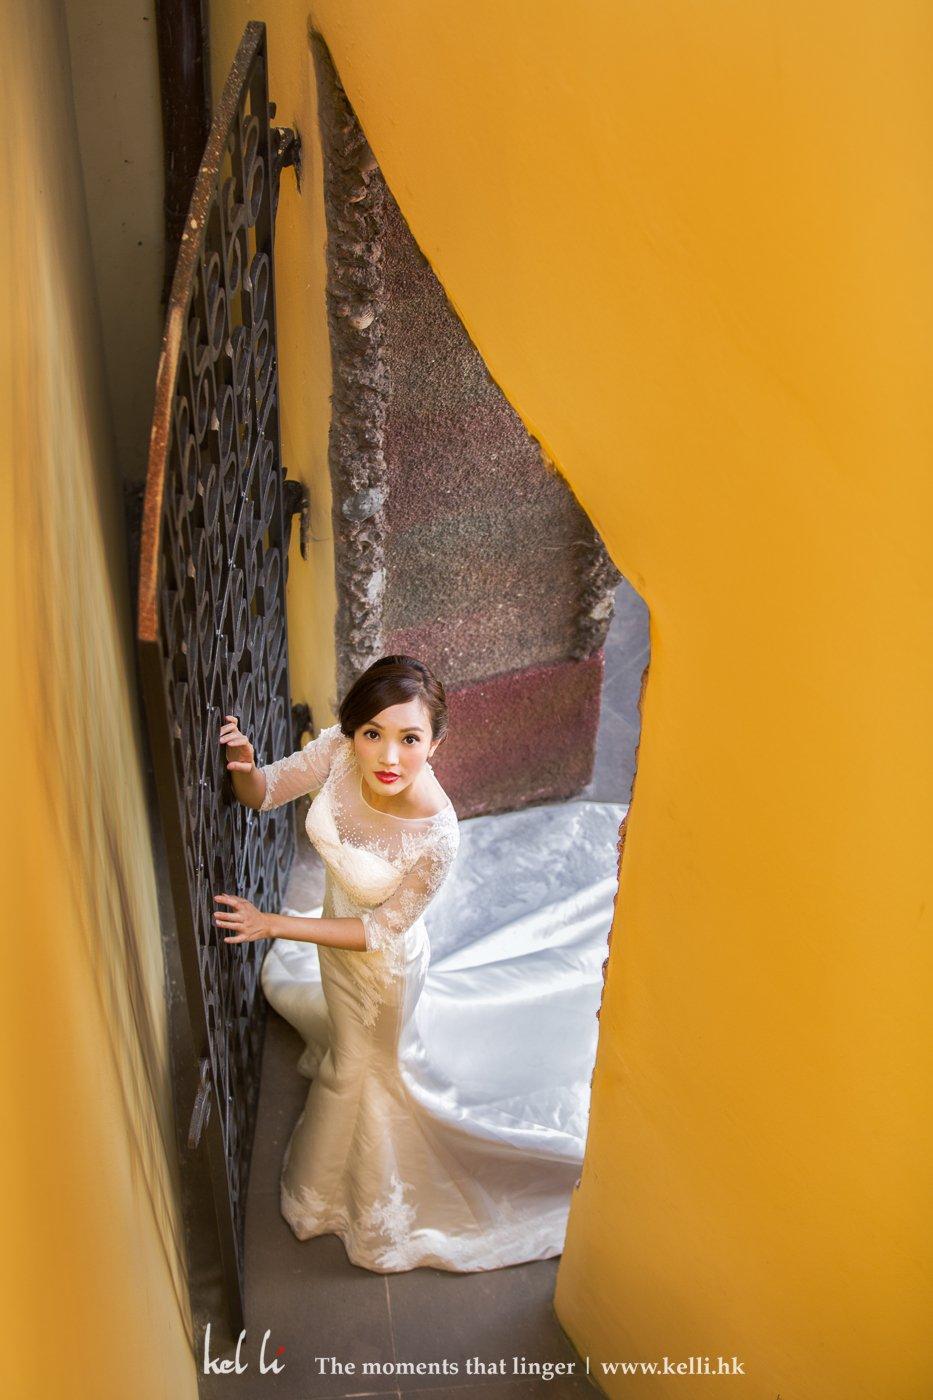 黃色與新娘子的白色婚紗做了很大的對比